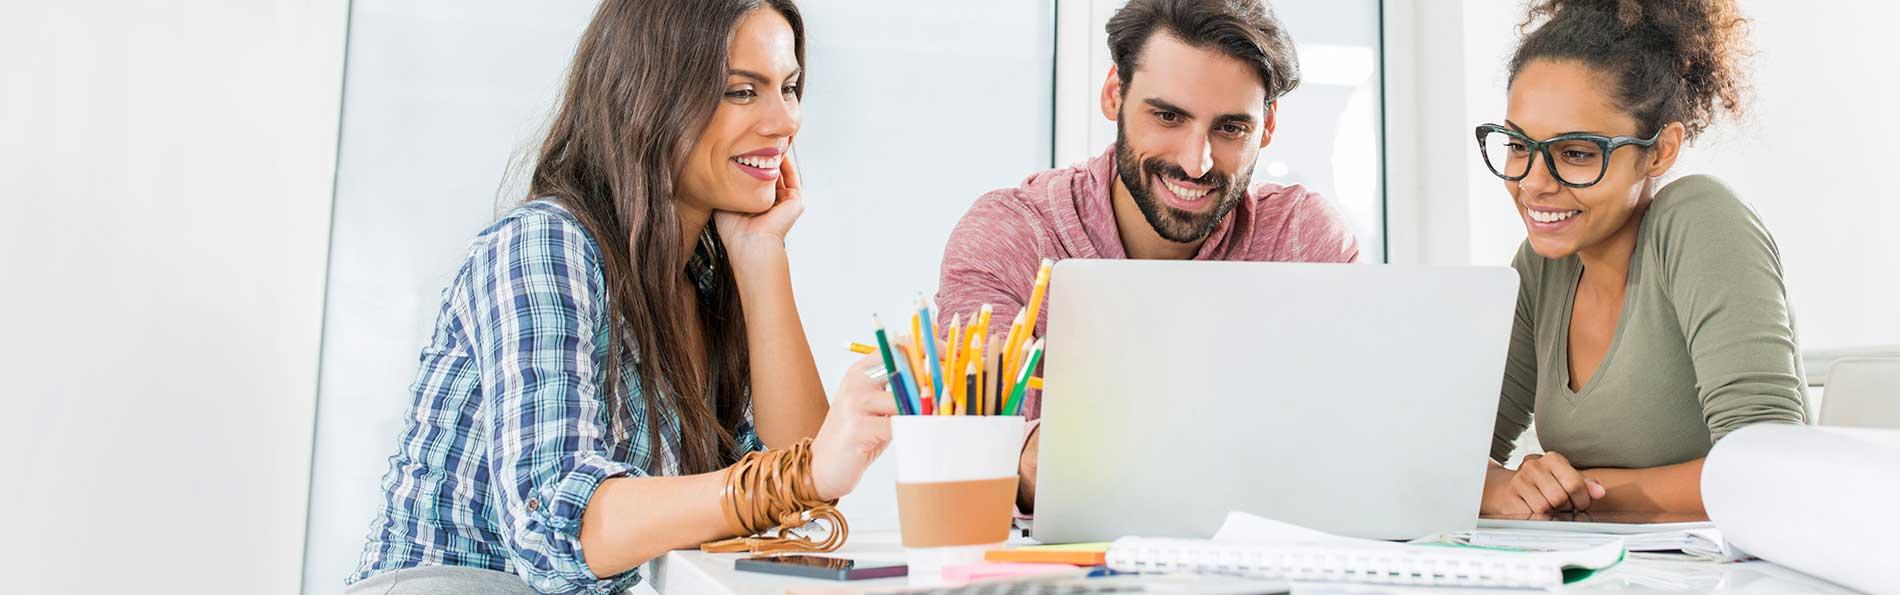 Billixx IT online project management